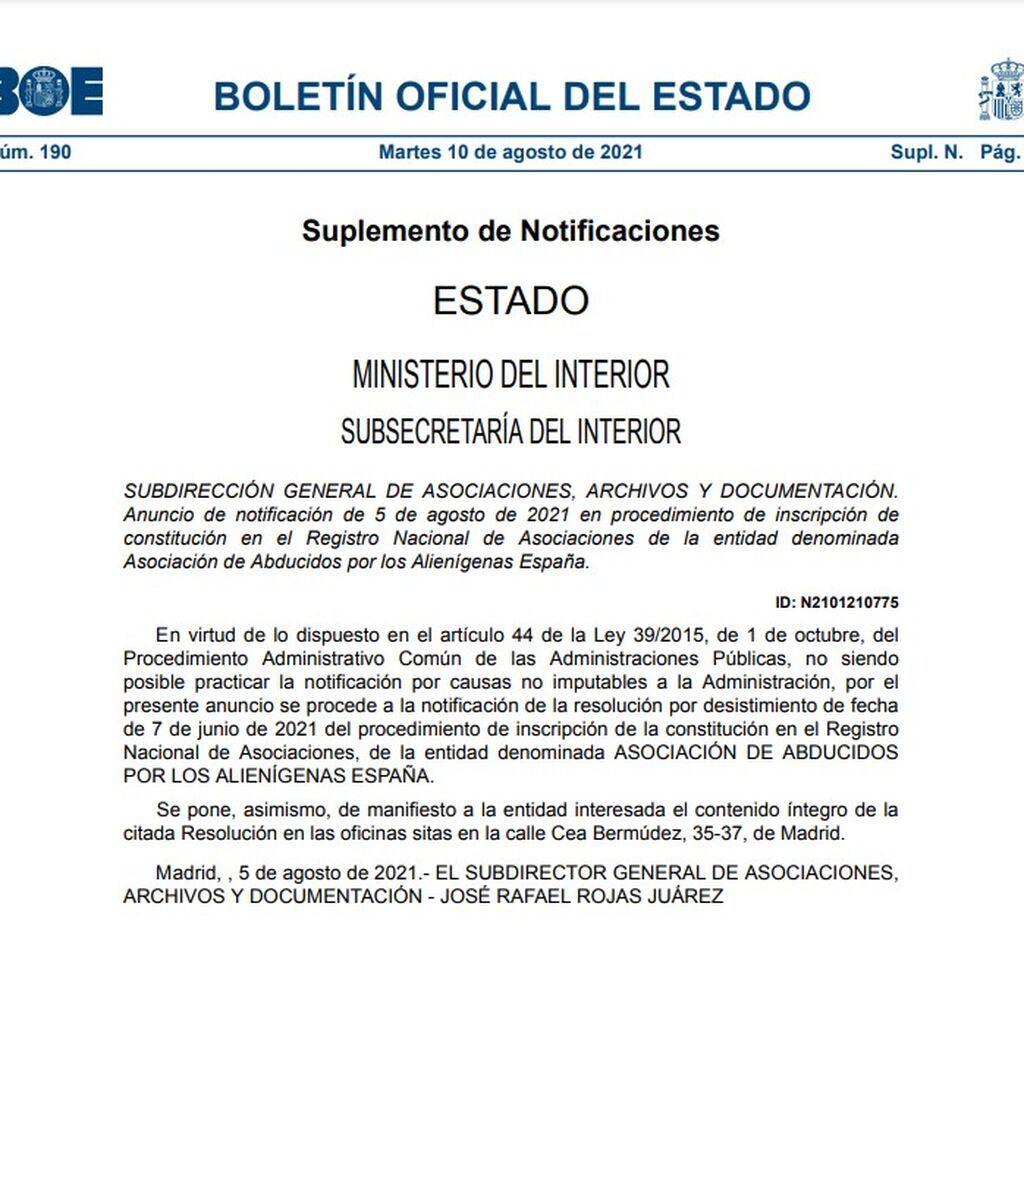 """Resolución del BOE sobre la 'Asociación de abducidos por alienígenas de España"""""""